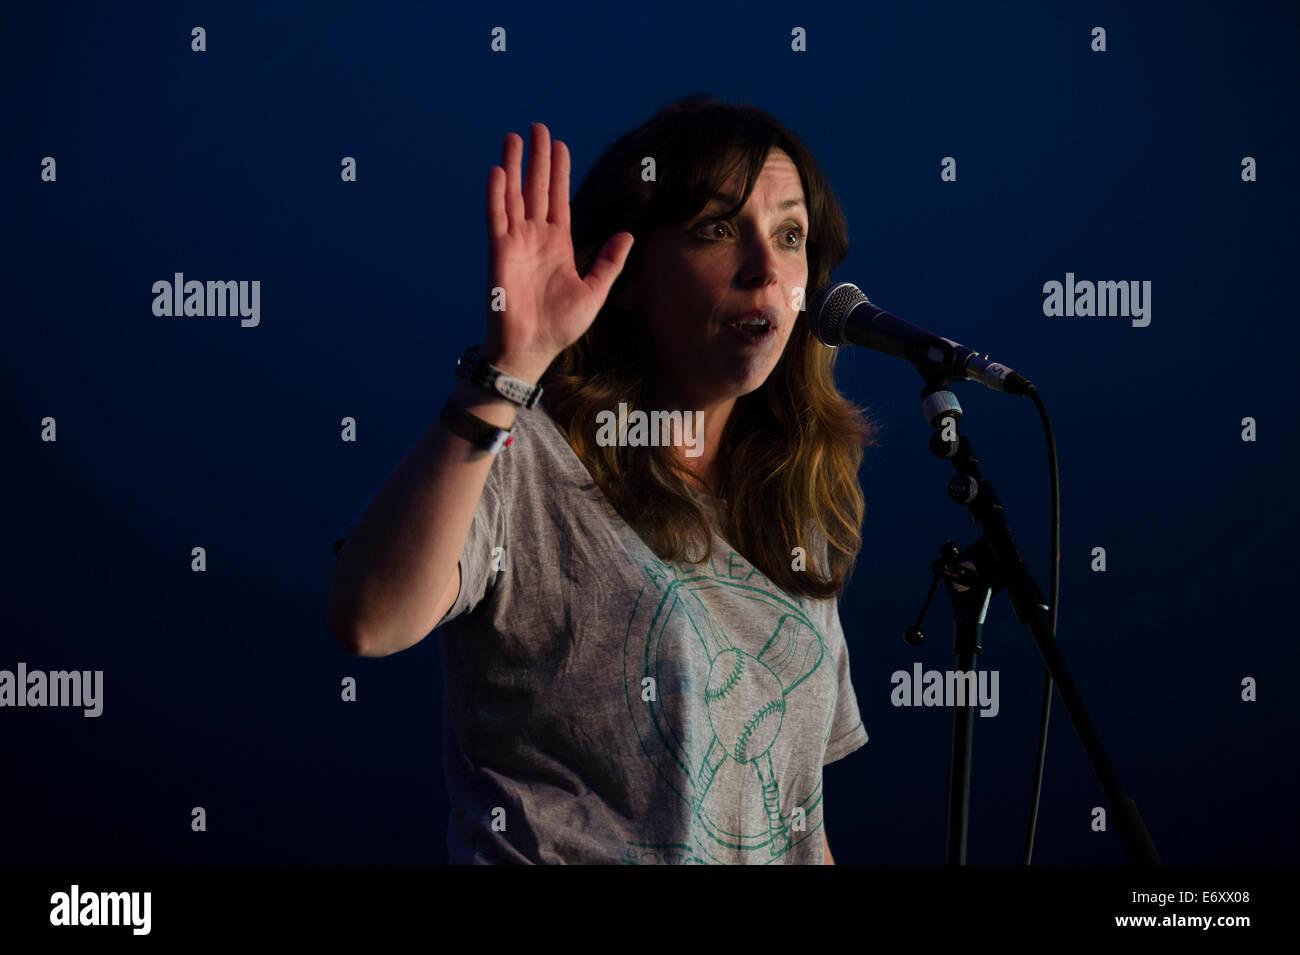 Comedian BRIDGET CHRISTIE performing at the 2014 Gwyl Llenyddiaeth DINFEWR Literature Festival , Llandeilo Wales - Stock Image